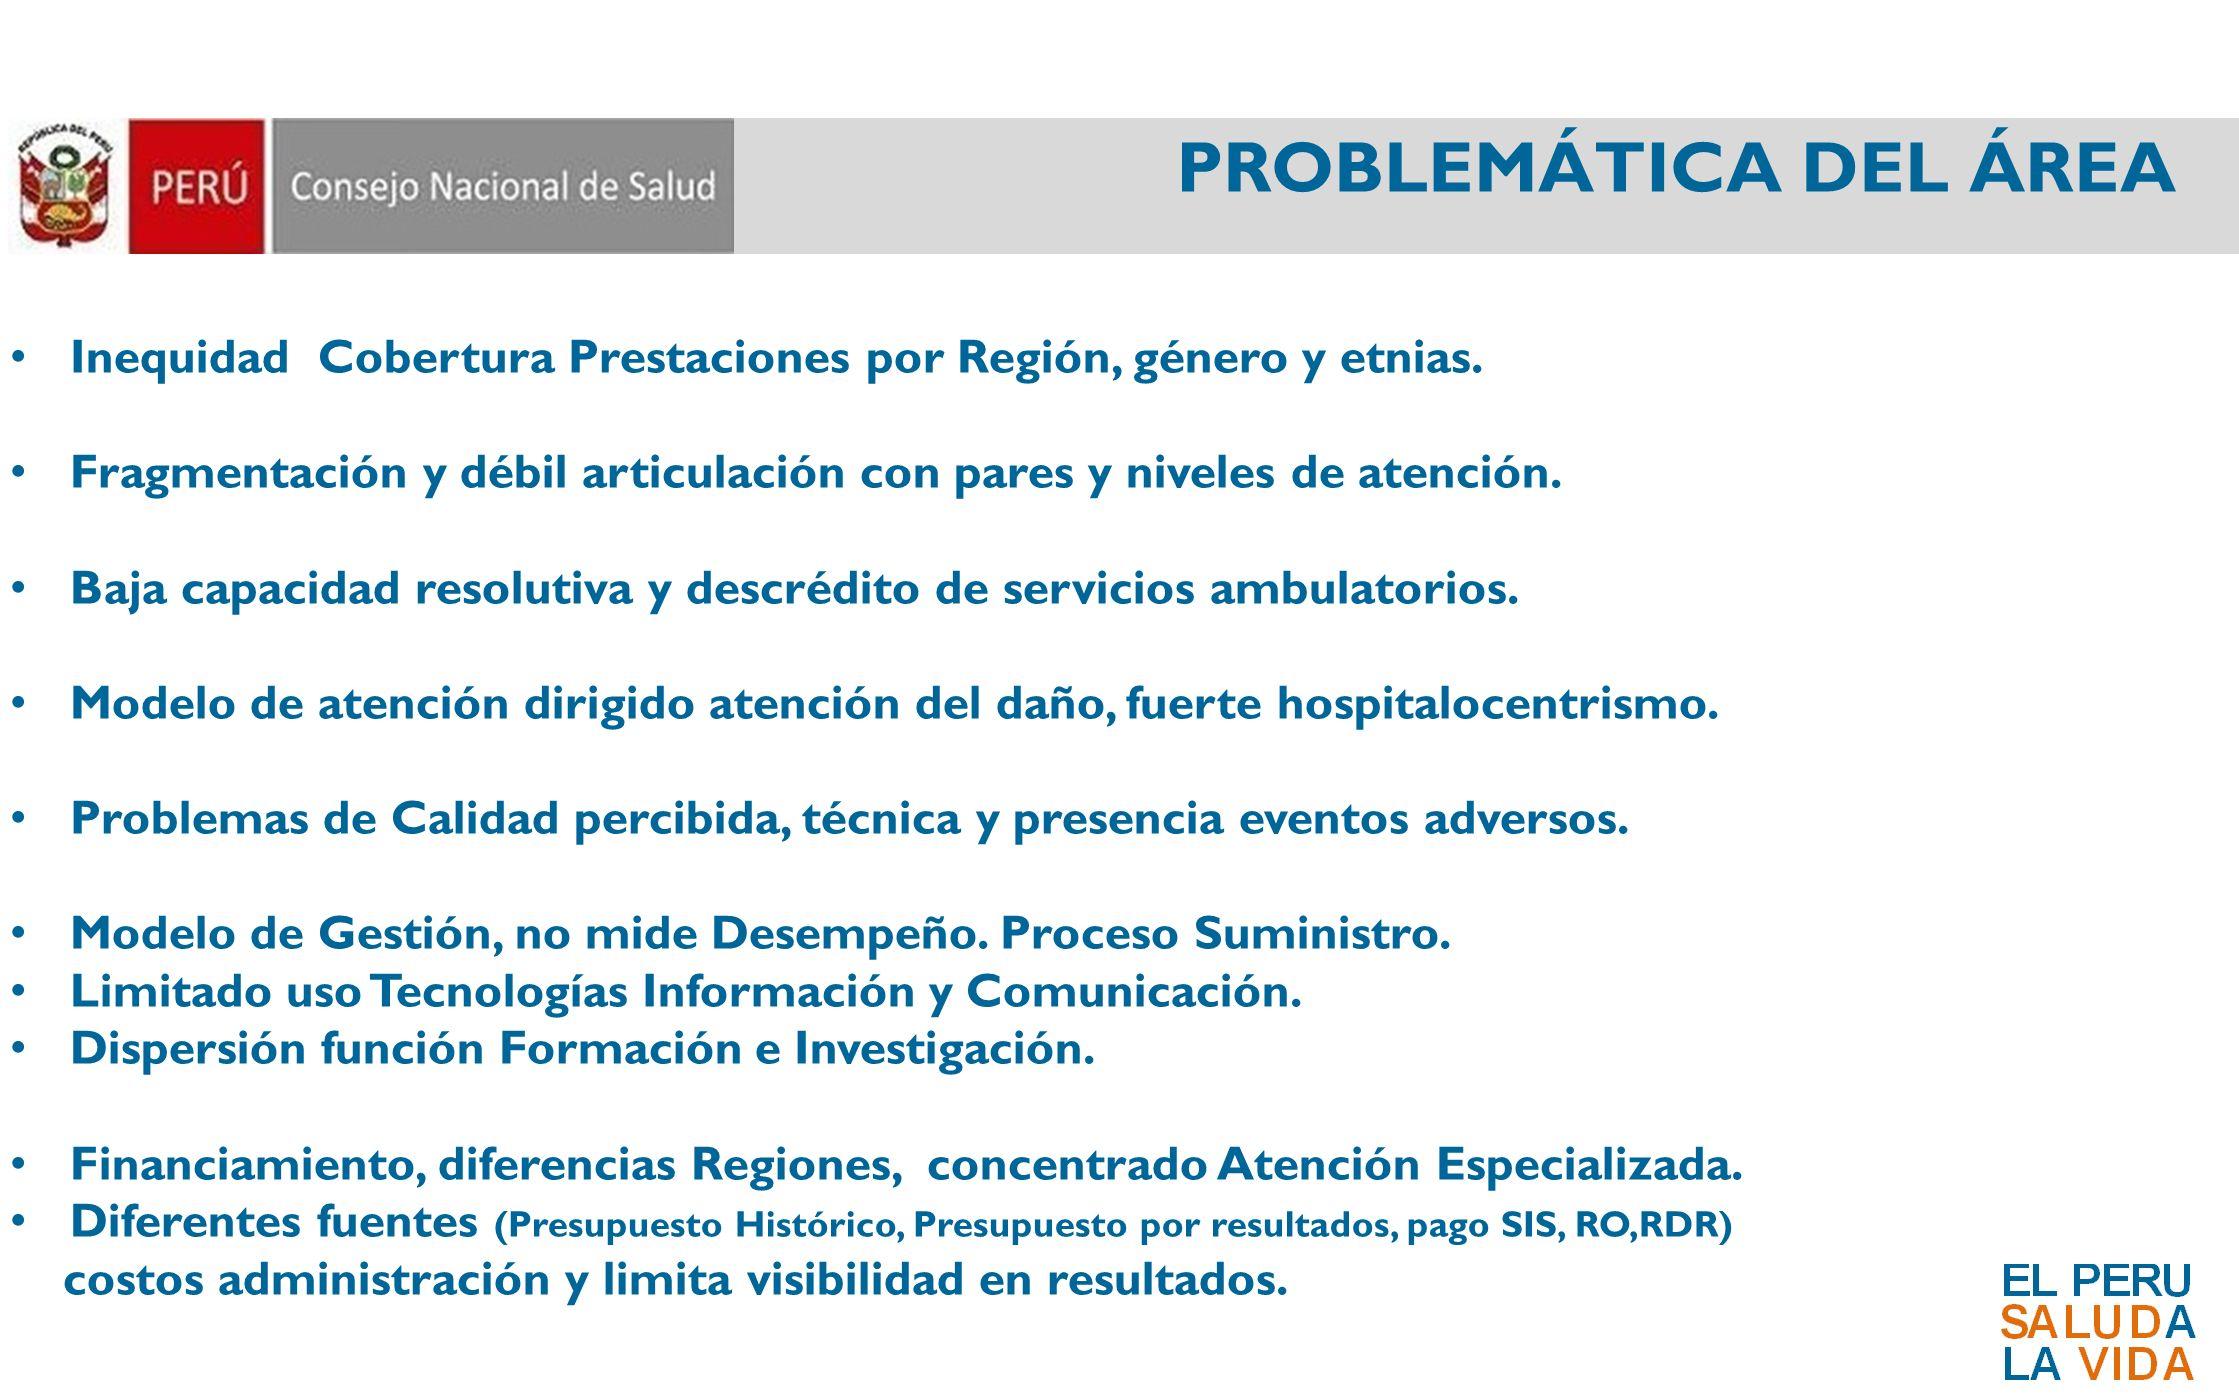 PROBLEMÁTICA DEL ÁREA Inequidad Cobertura Prestaciones por Región, género y etnias. Fragmentación y débil articulación con pares y niveles de atención